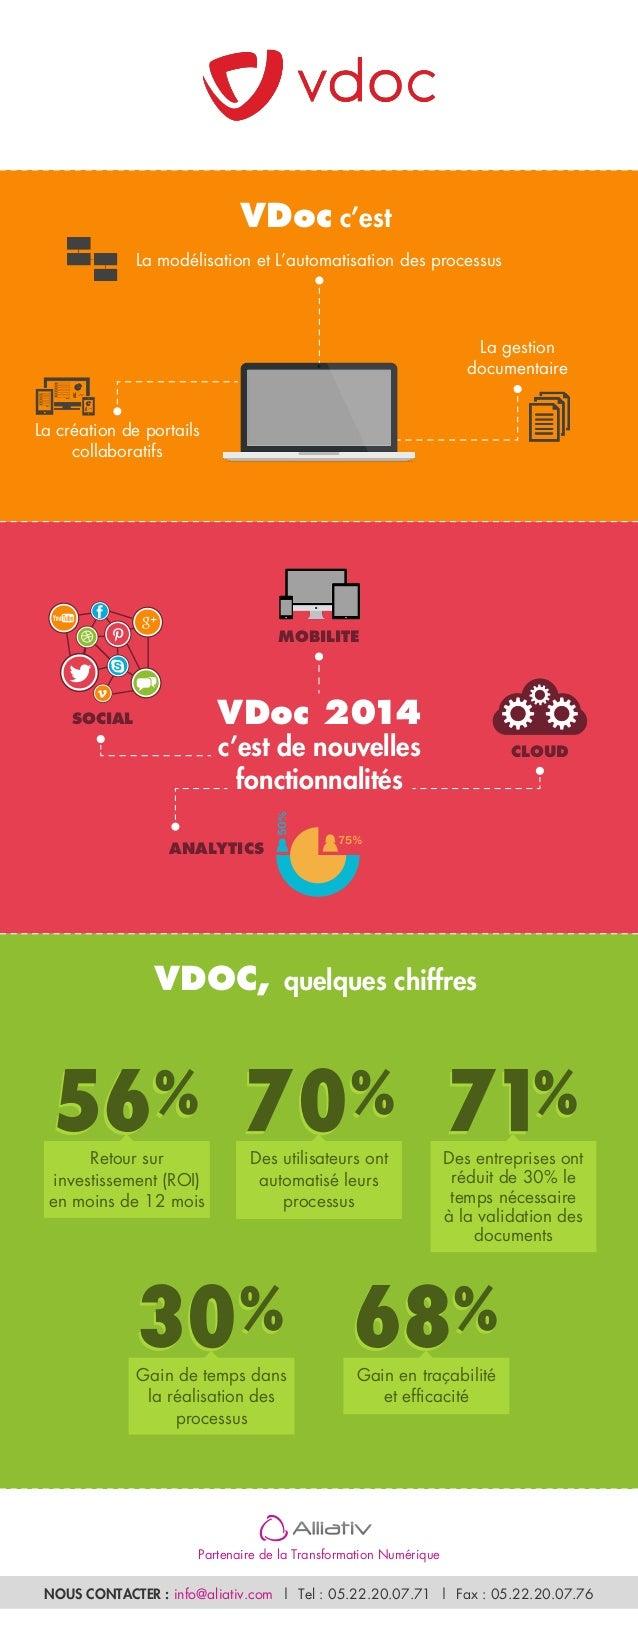 La création de portails collaboratifs La modélisation et L'automatisation des processus La gestion documentaire CLOUD VDoc...